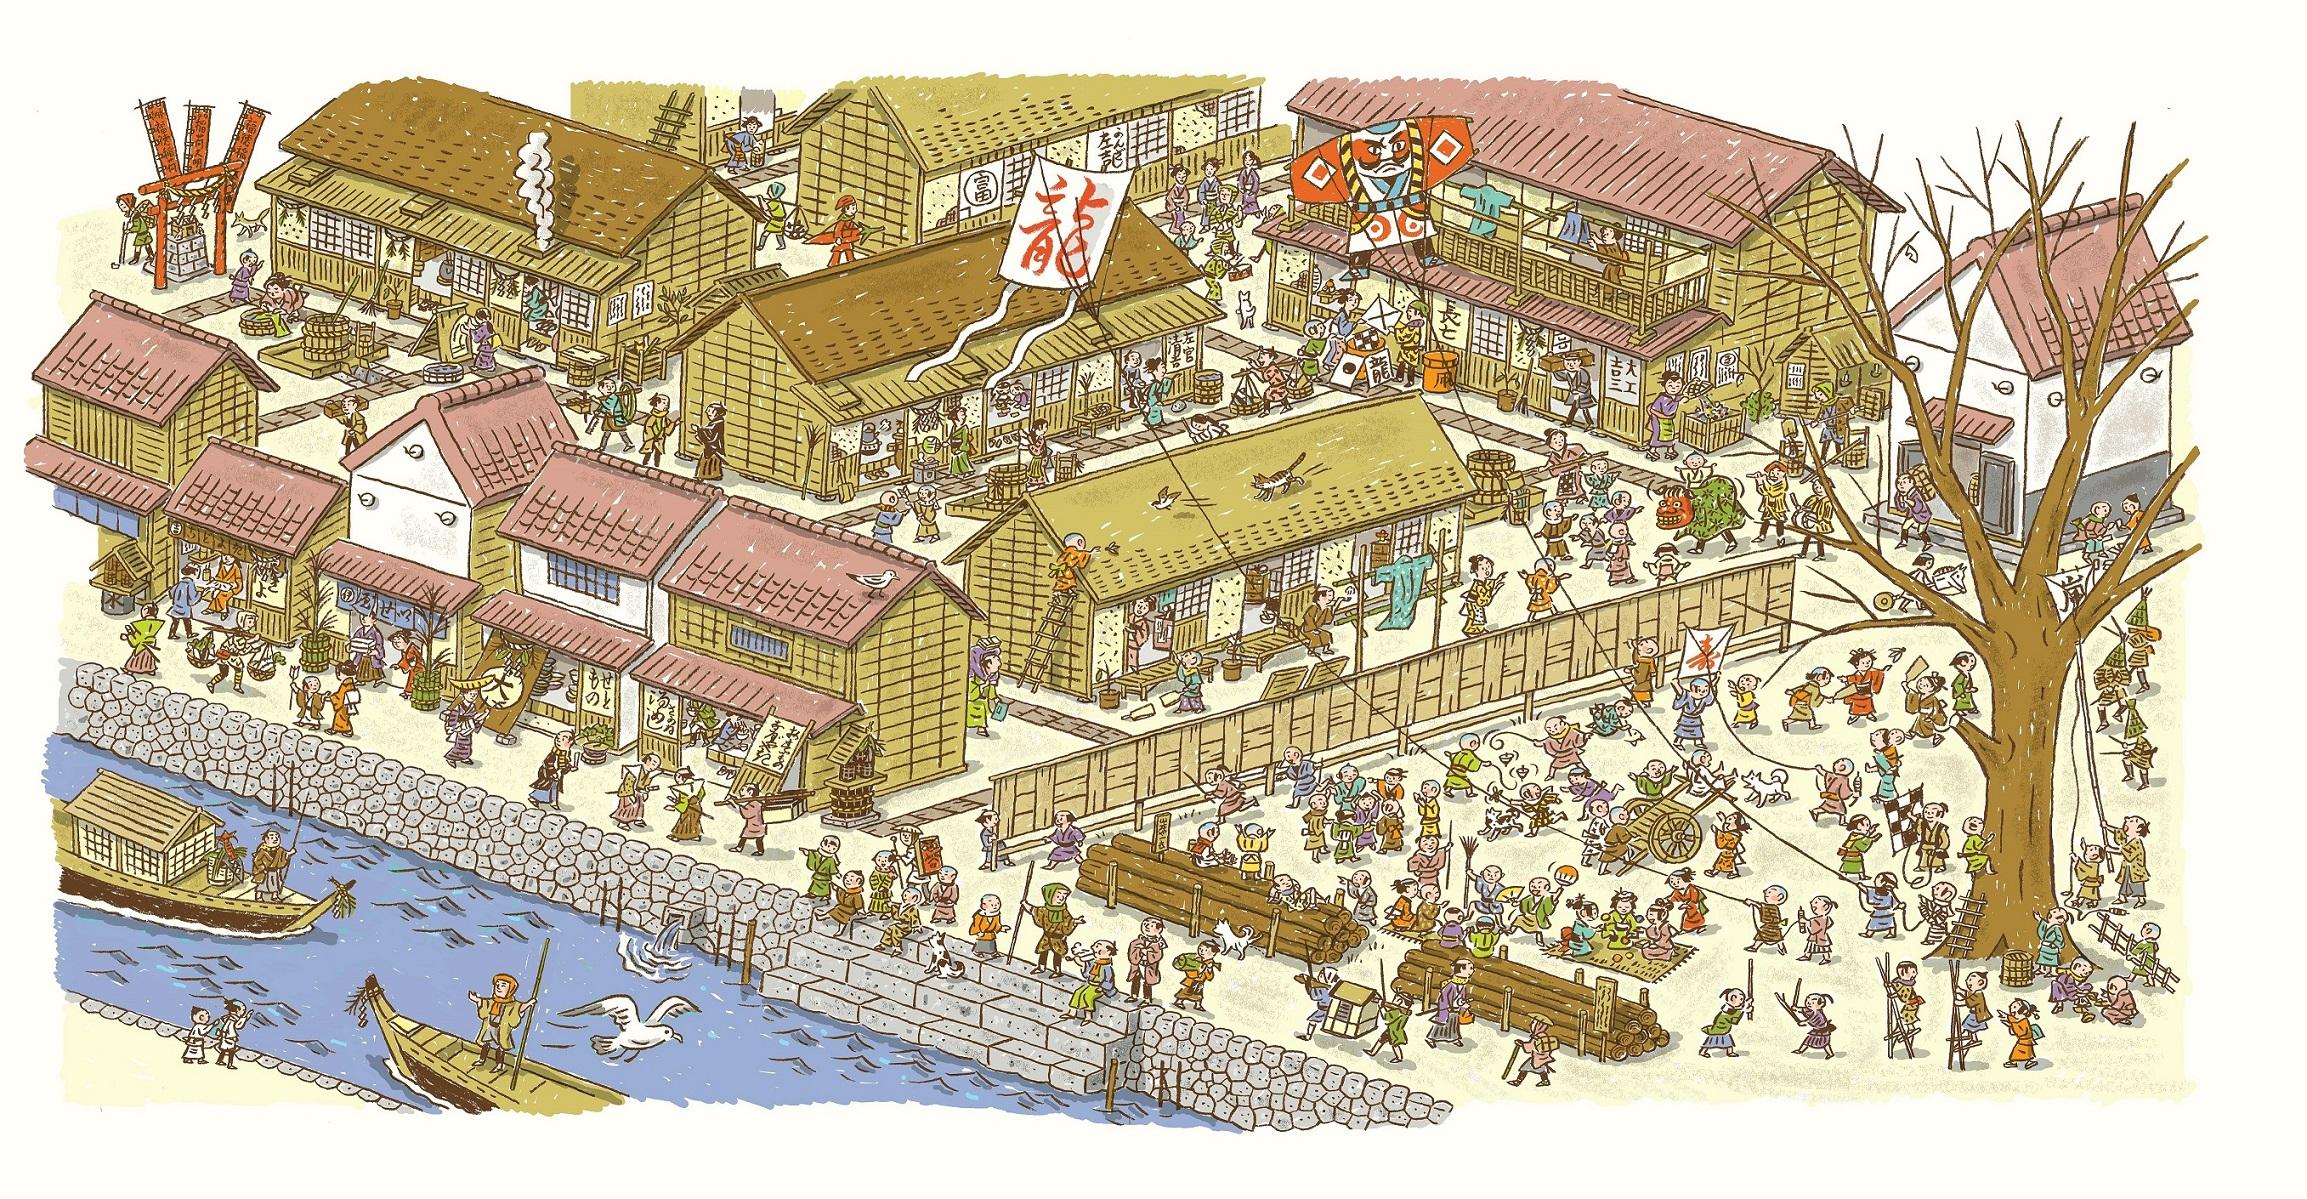 長屋の正月の様子を描いたページ